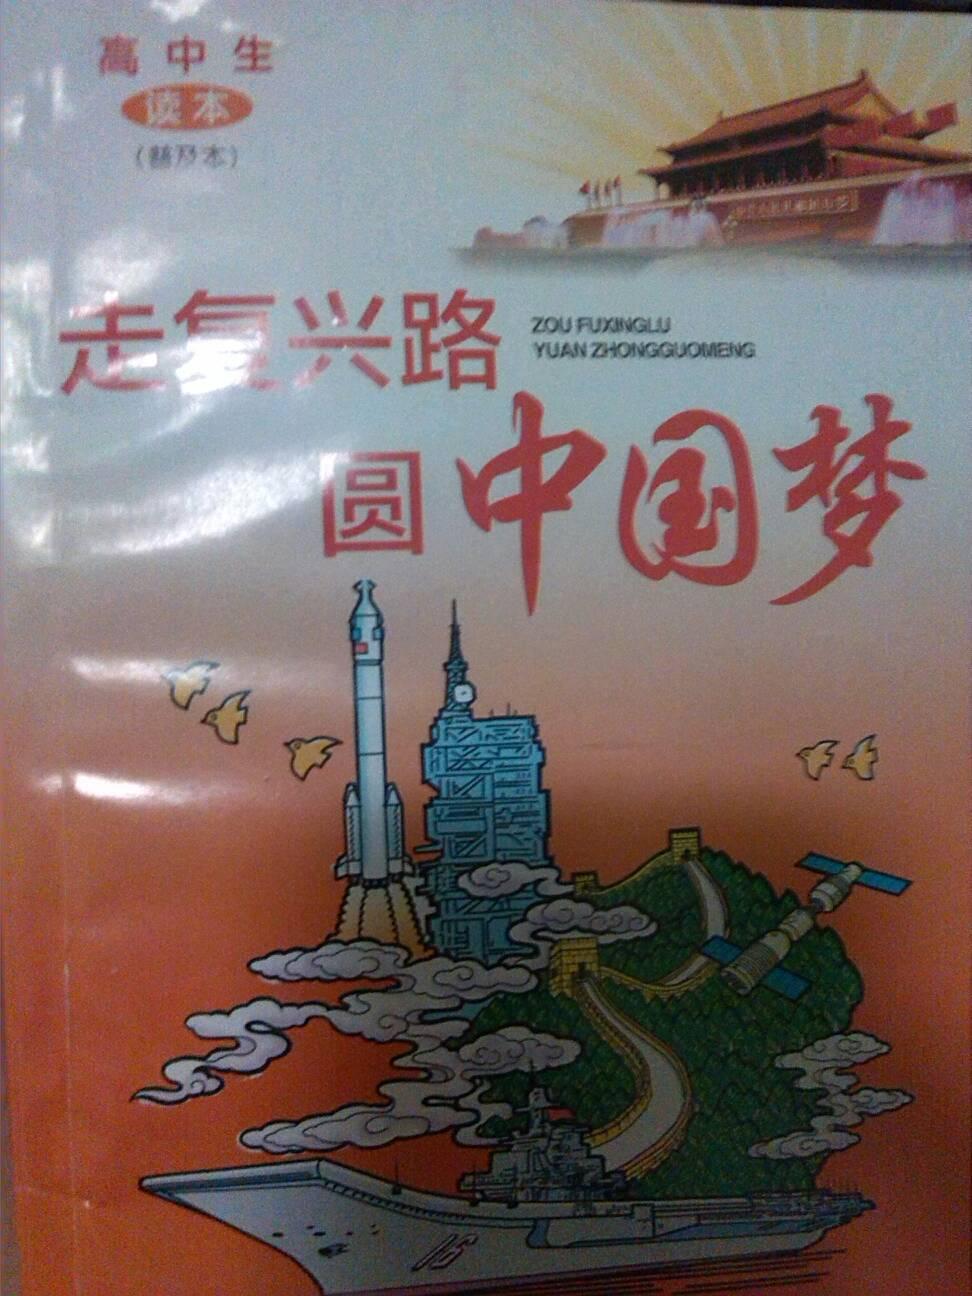 高中生读后感大全_《走复兴路圆中国梦》 高中生读本的读后感_百度知道